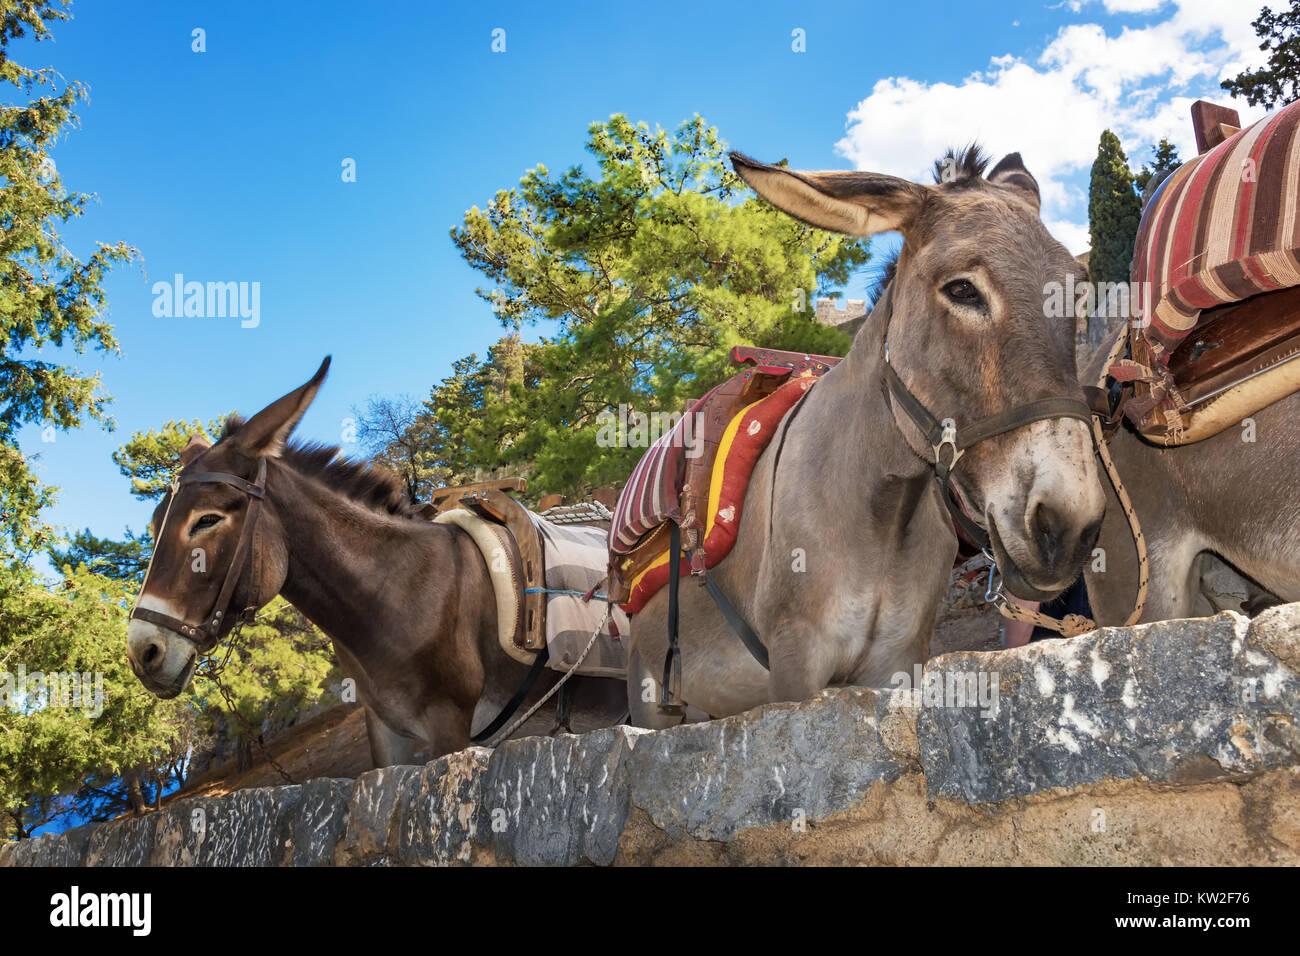 Taxi de l'Âne - les ânes utilisés pour transporter les touristes à l'Acropole de Lindos Photo Stock